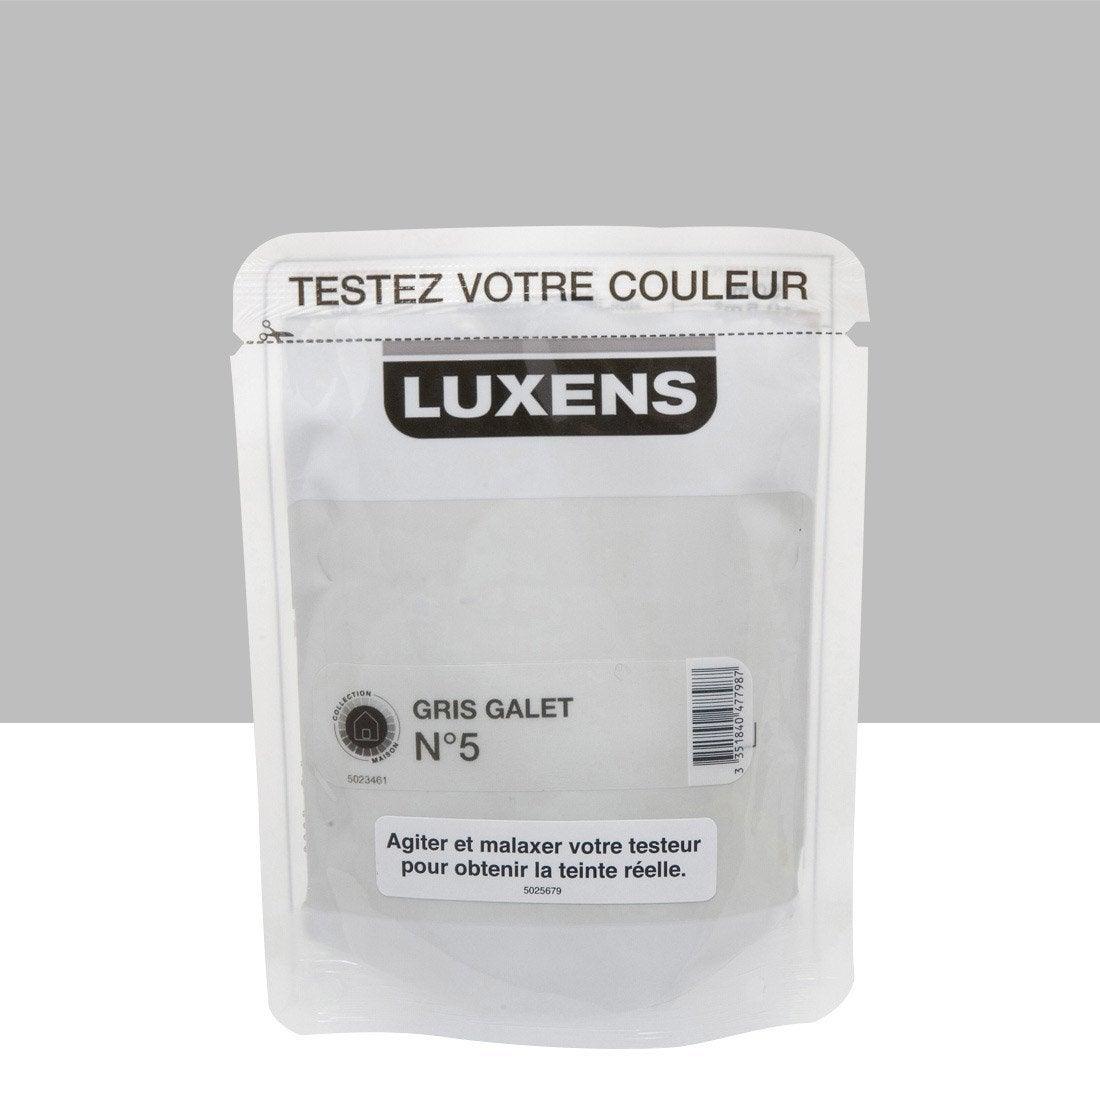 Testeur peinture gris galet 5 luxens couleurs int rieures - Couleur gris galet ...